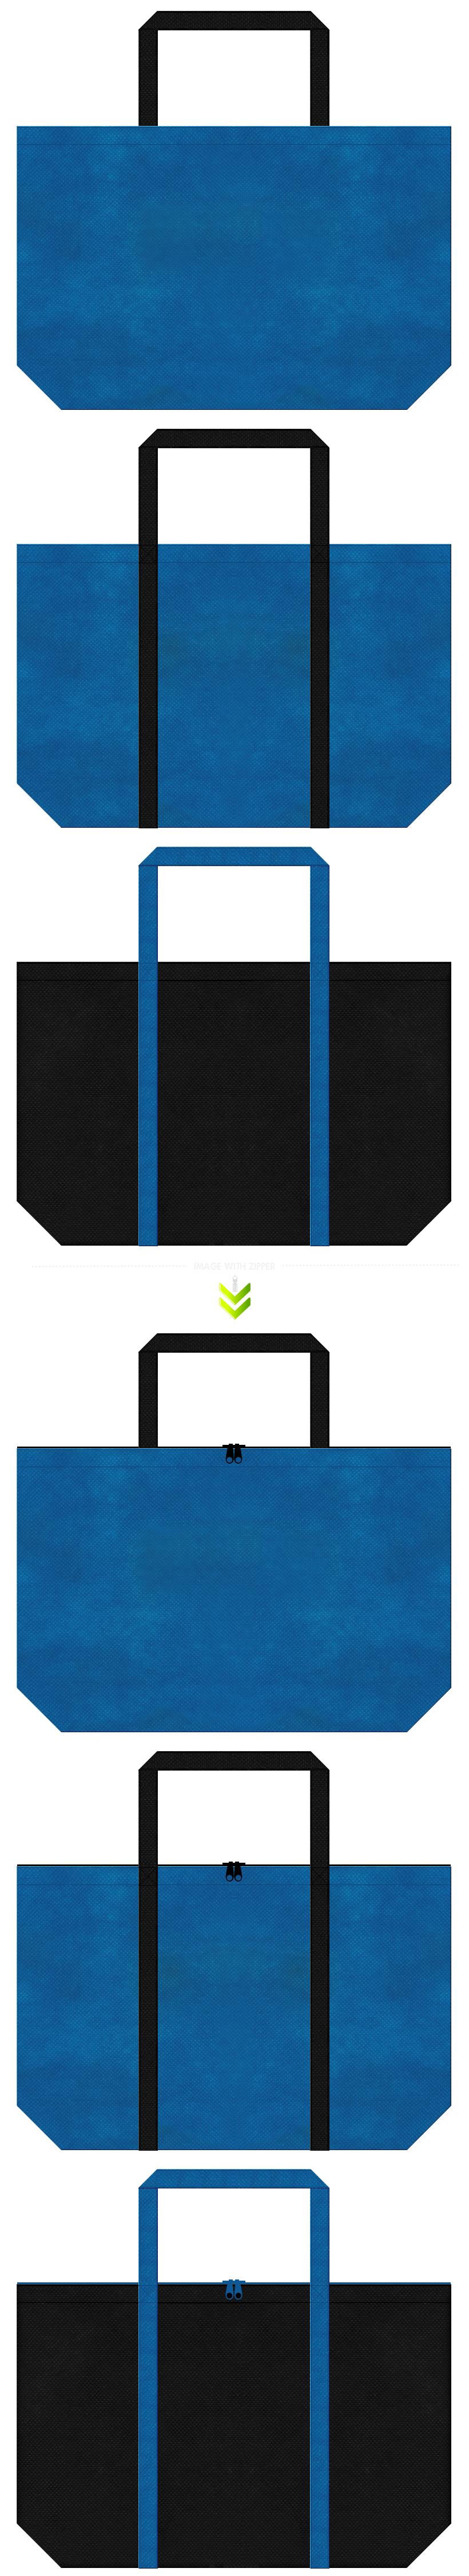 セキュリティ・防犯カメラ・ドライブレコーダー・騎士・伝説・神話・モンスター・アクション・シューティング・対戦型格闘ゲームの展示会用バッグにお奨めの不織布バッグデザイン:青色と黒色のコーデ